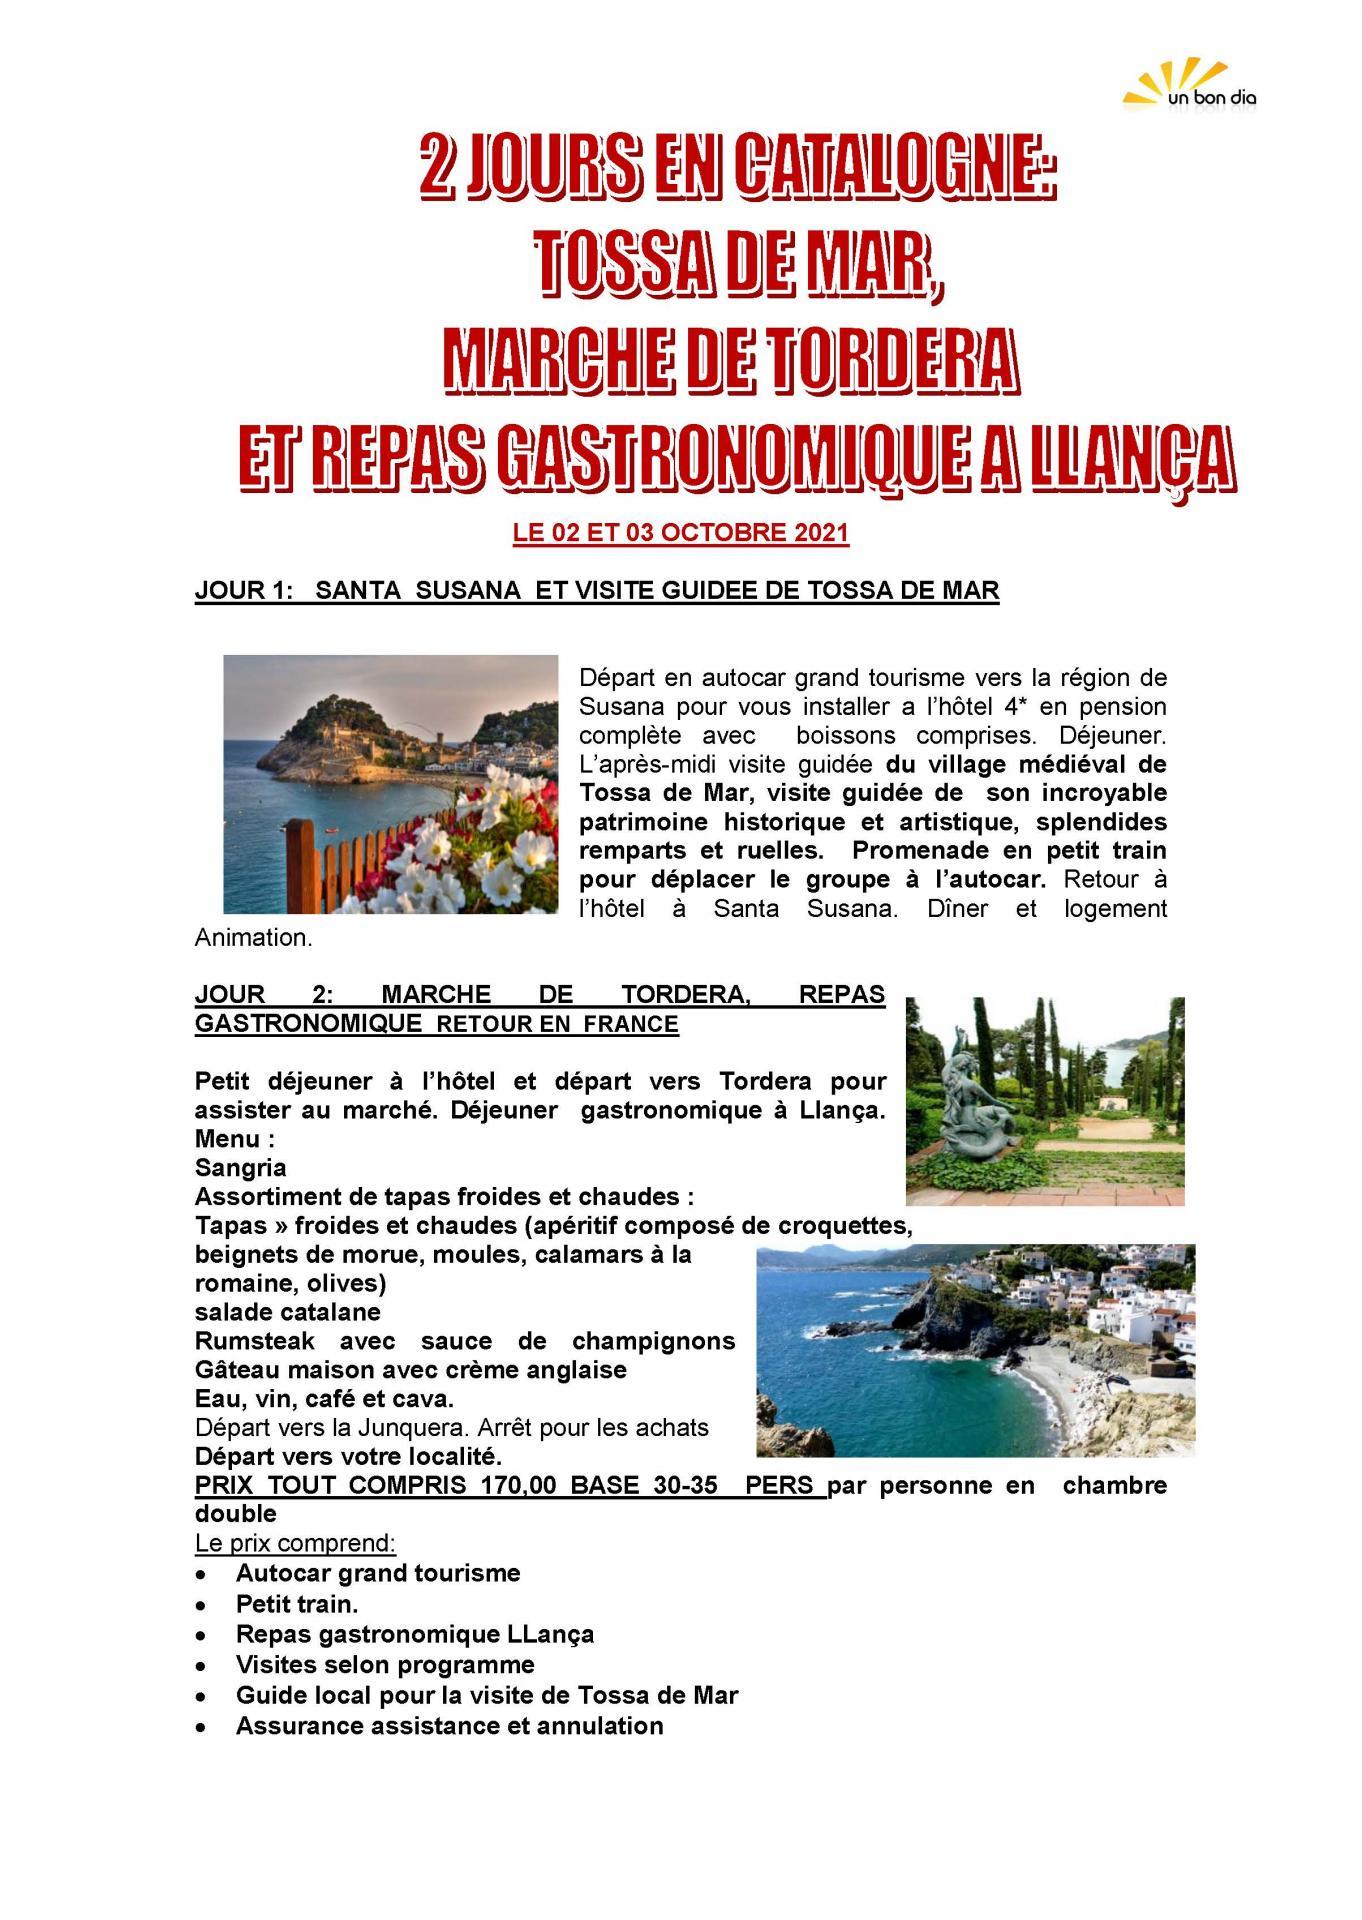 Programme adsbm voyage tossa de mar 2 3 octobre 2021